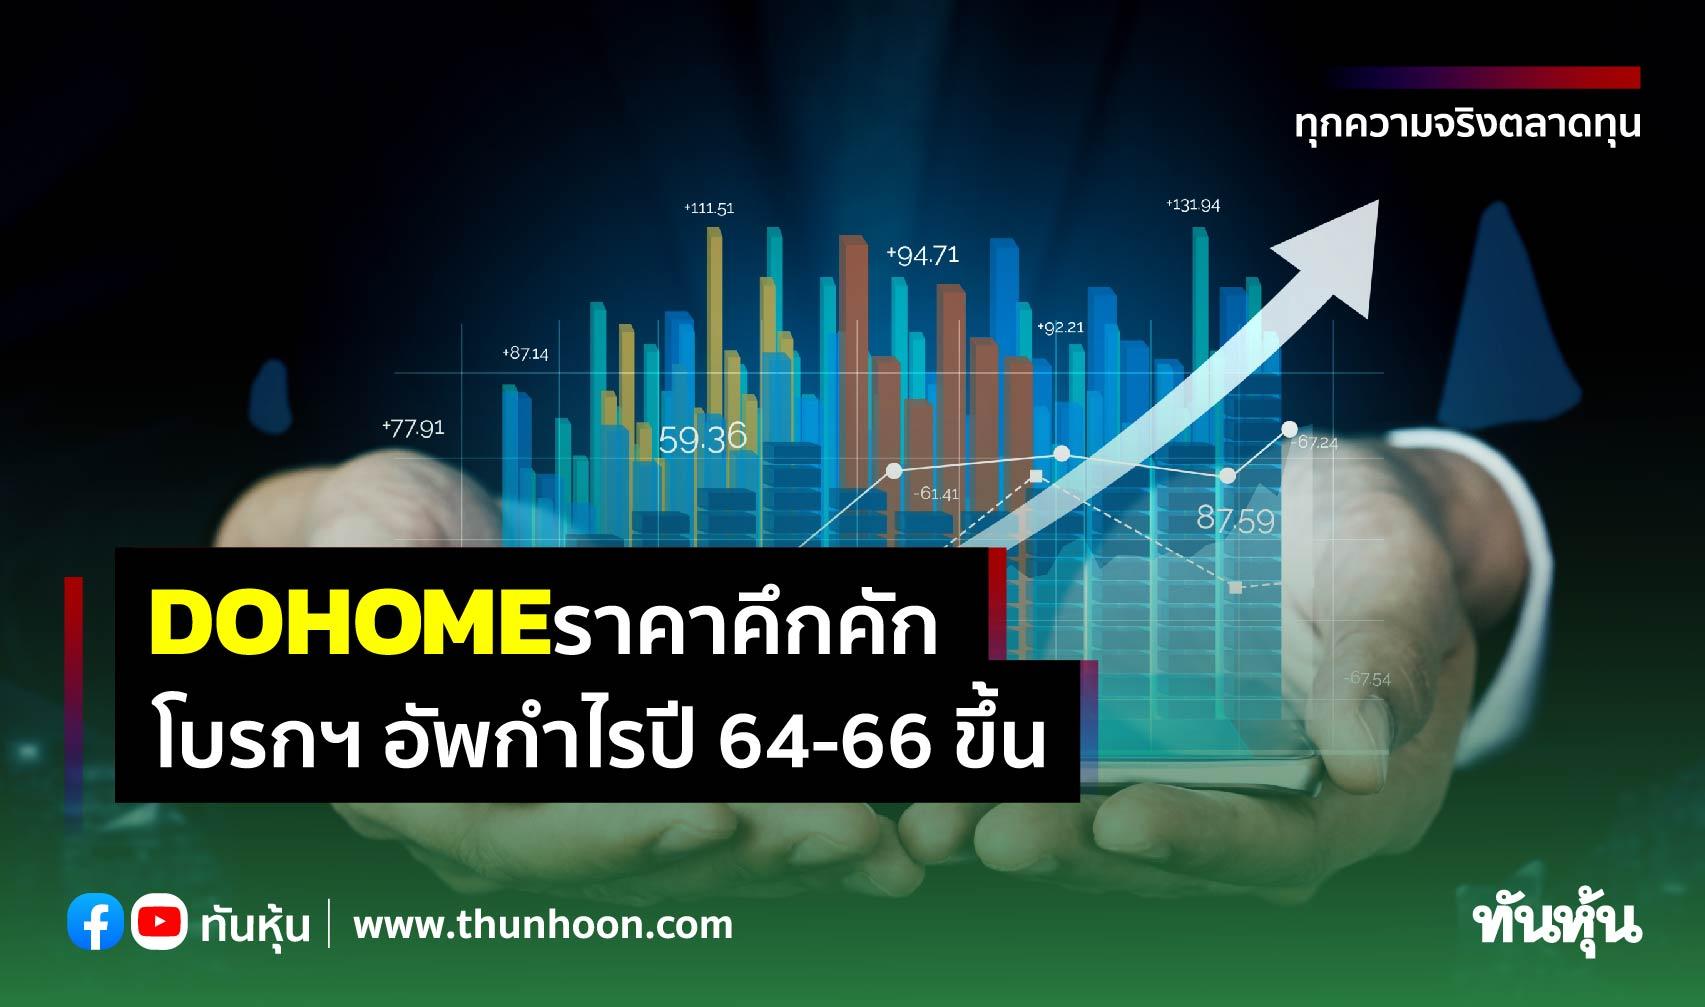 DOHOME  ราคาพุ่ง 12%  โบรกฯ อัพกำไรปี 64-66 ขึ้น แนะนำซื้อ